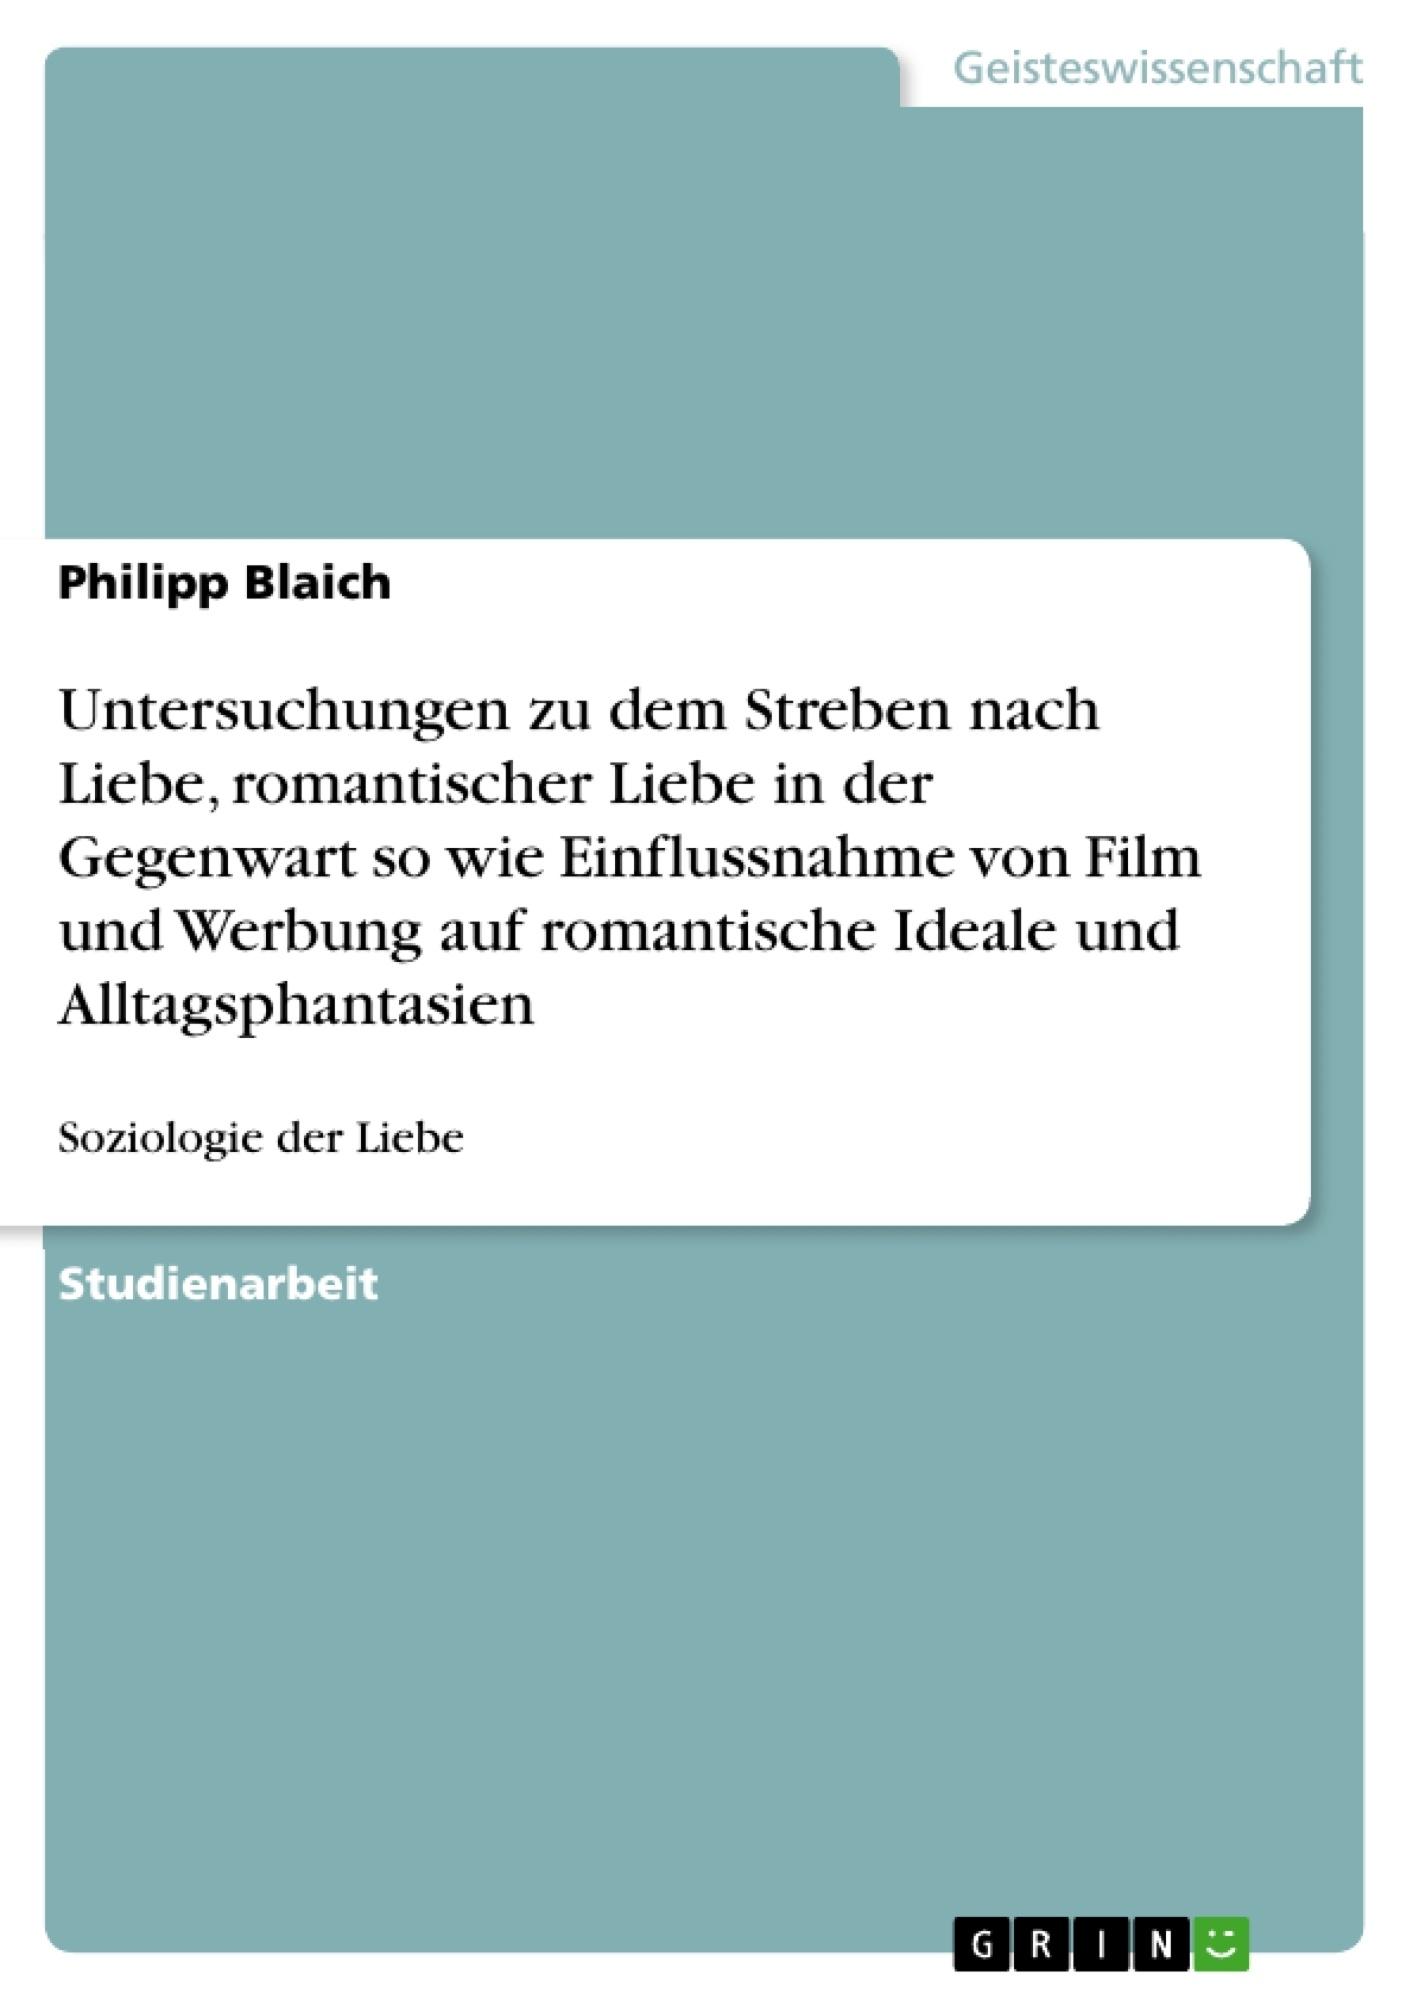 Titel: Untersuchungen zu dem Streben nach Liebe, romantischer Liebe in der Gegenwart so wie Einflussnahme von Film und Werbung auf romantische Ideale und Alltagsphantasien